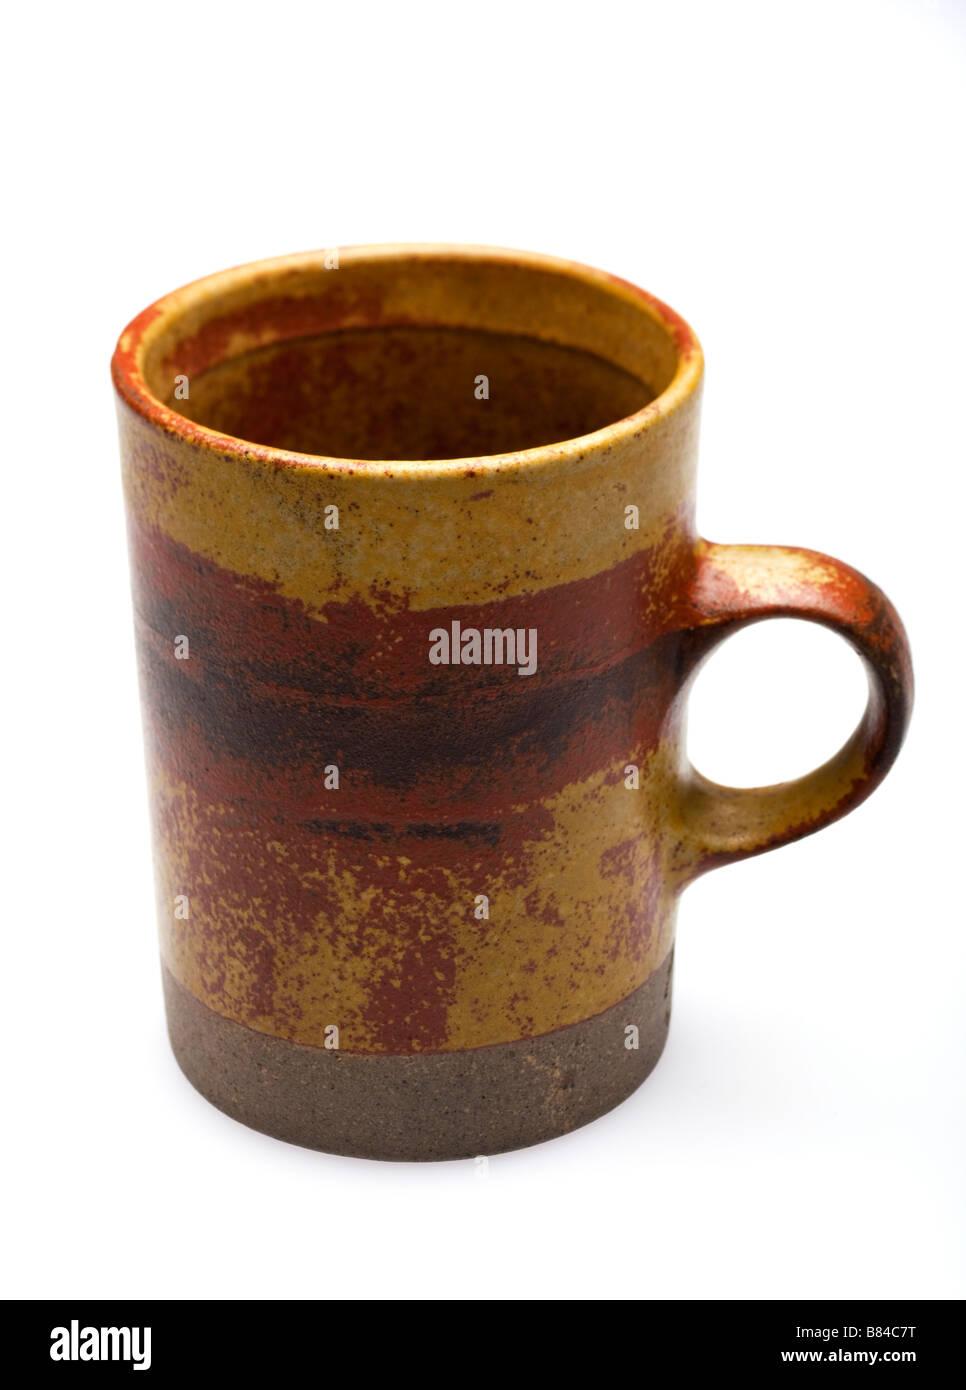 Pottery mug - Stock Image